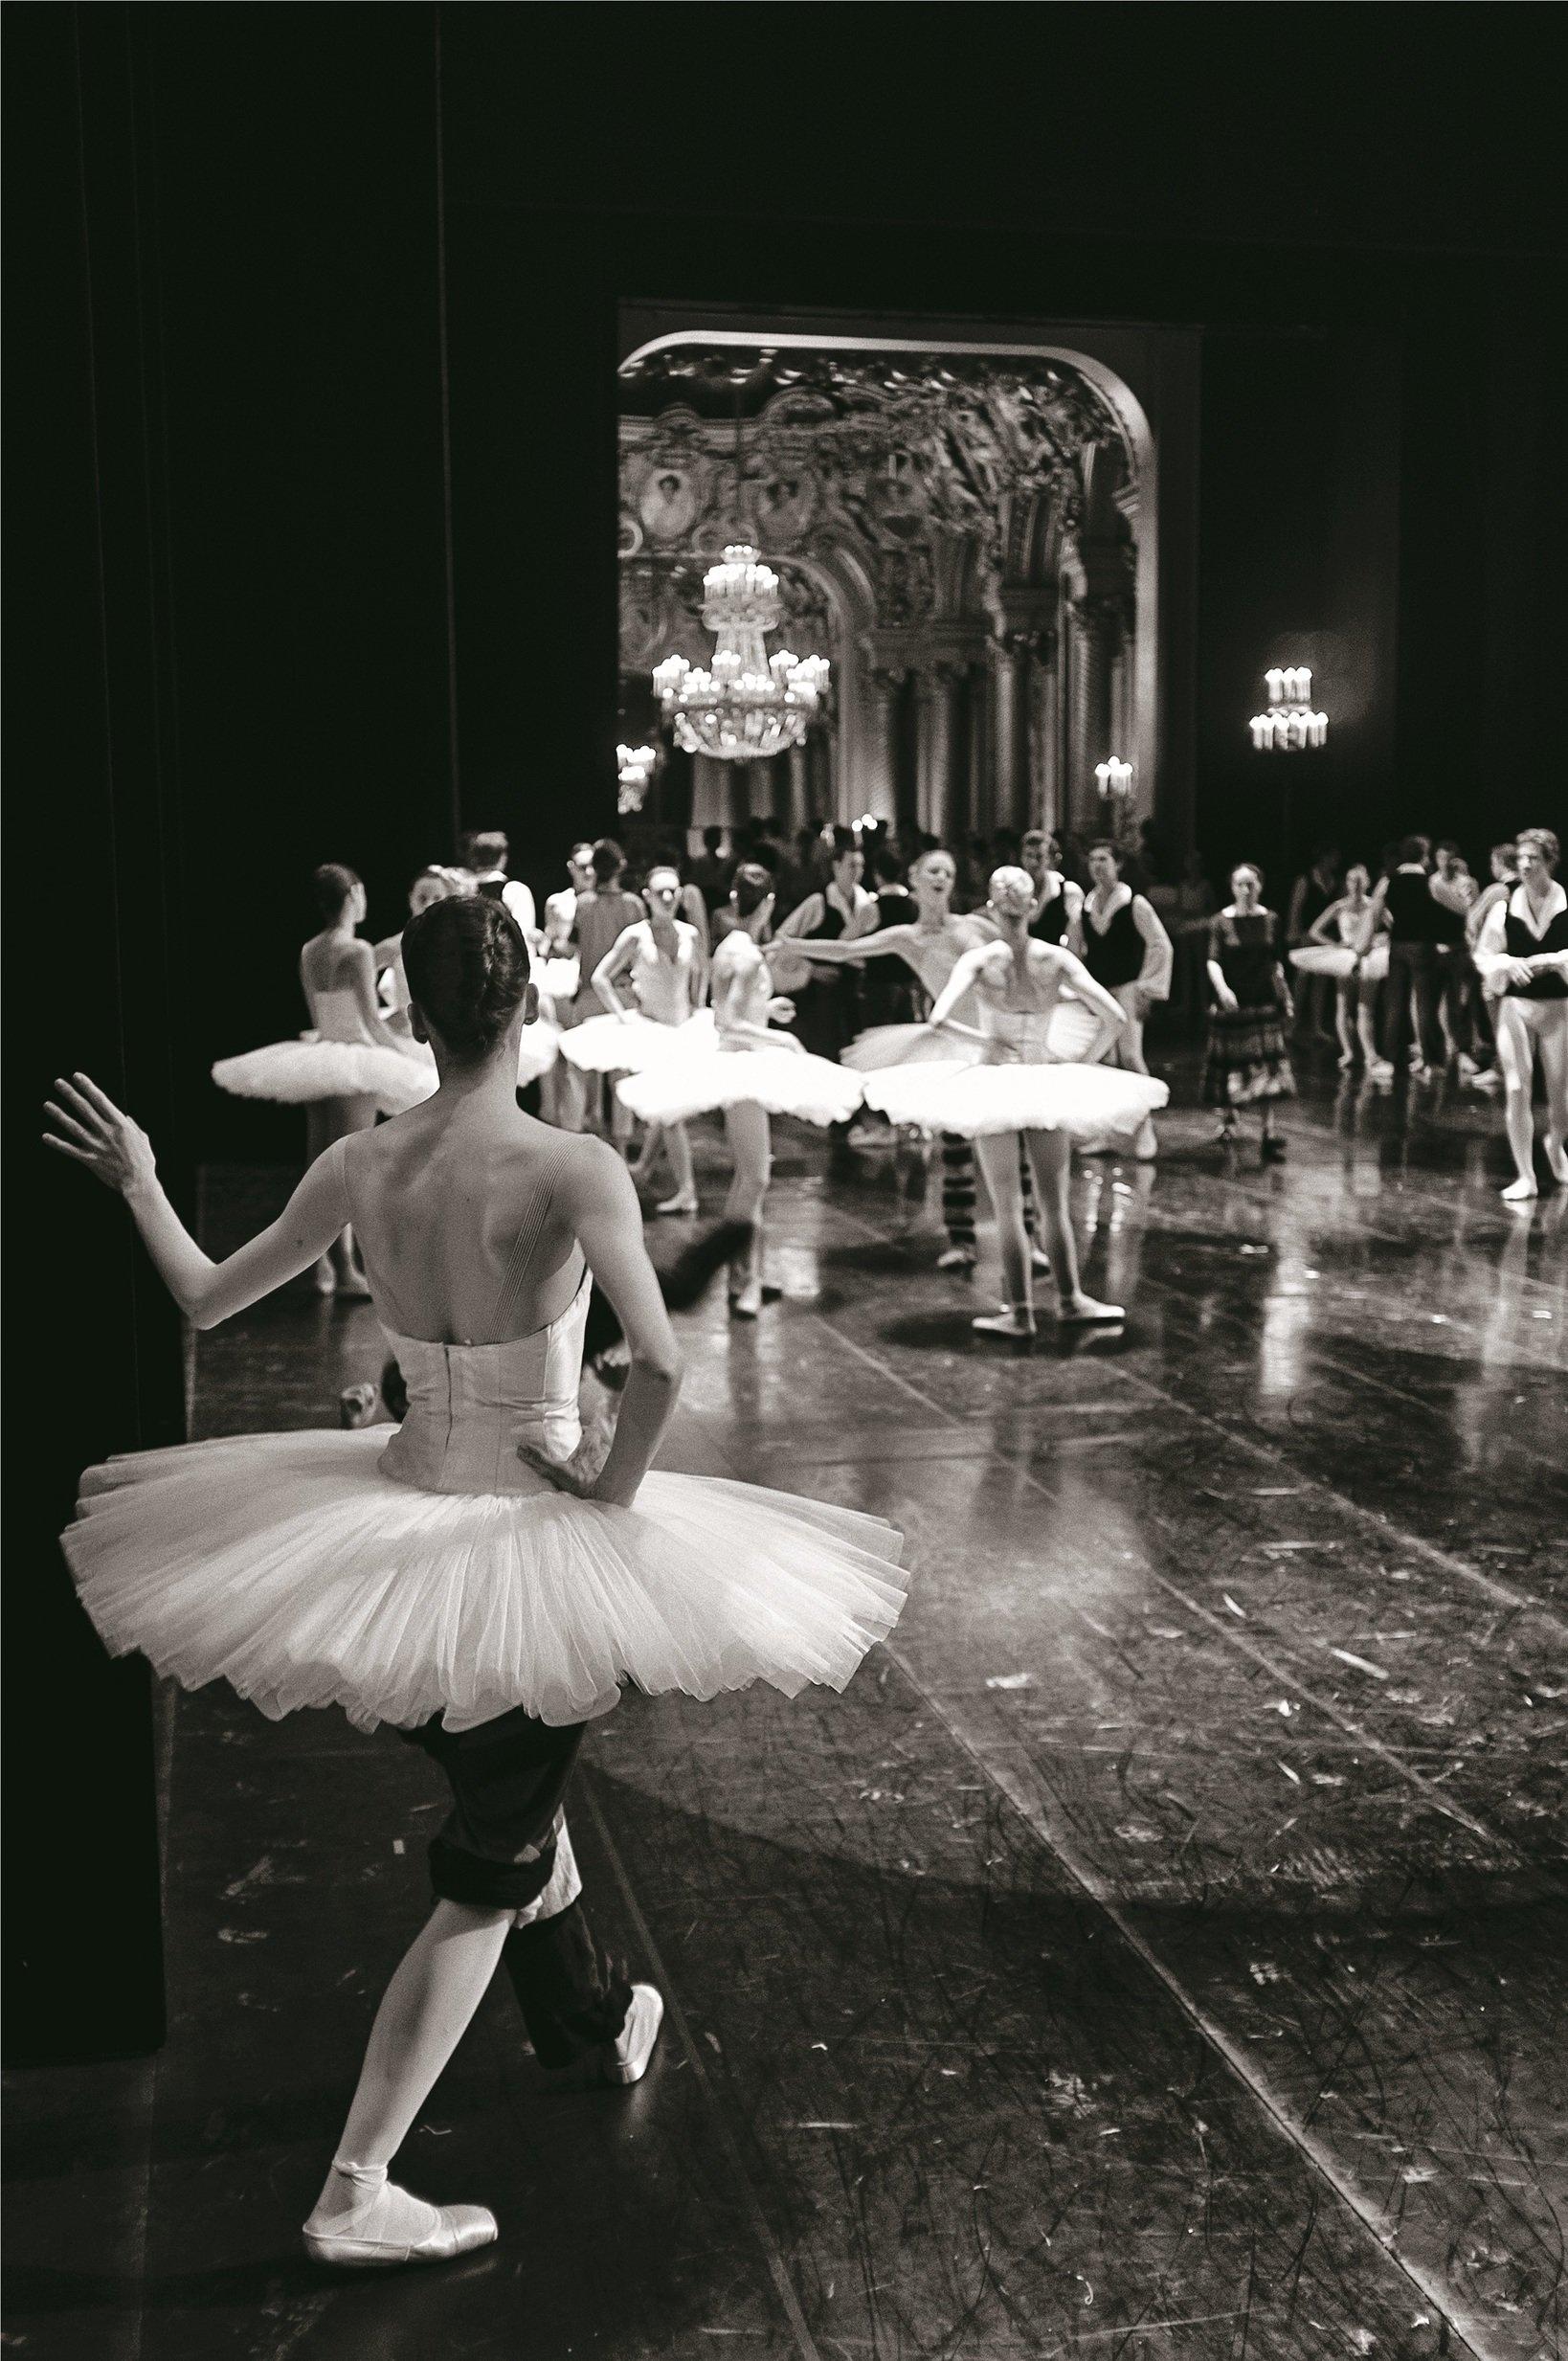 「Confidences」シリーズより ©Pierre-Elie de Pibrac, Agence Vu'